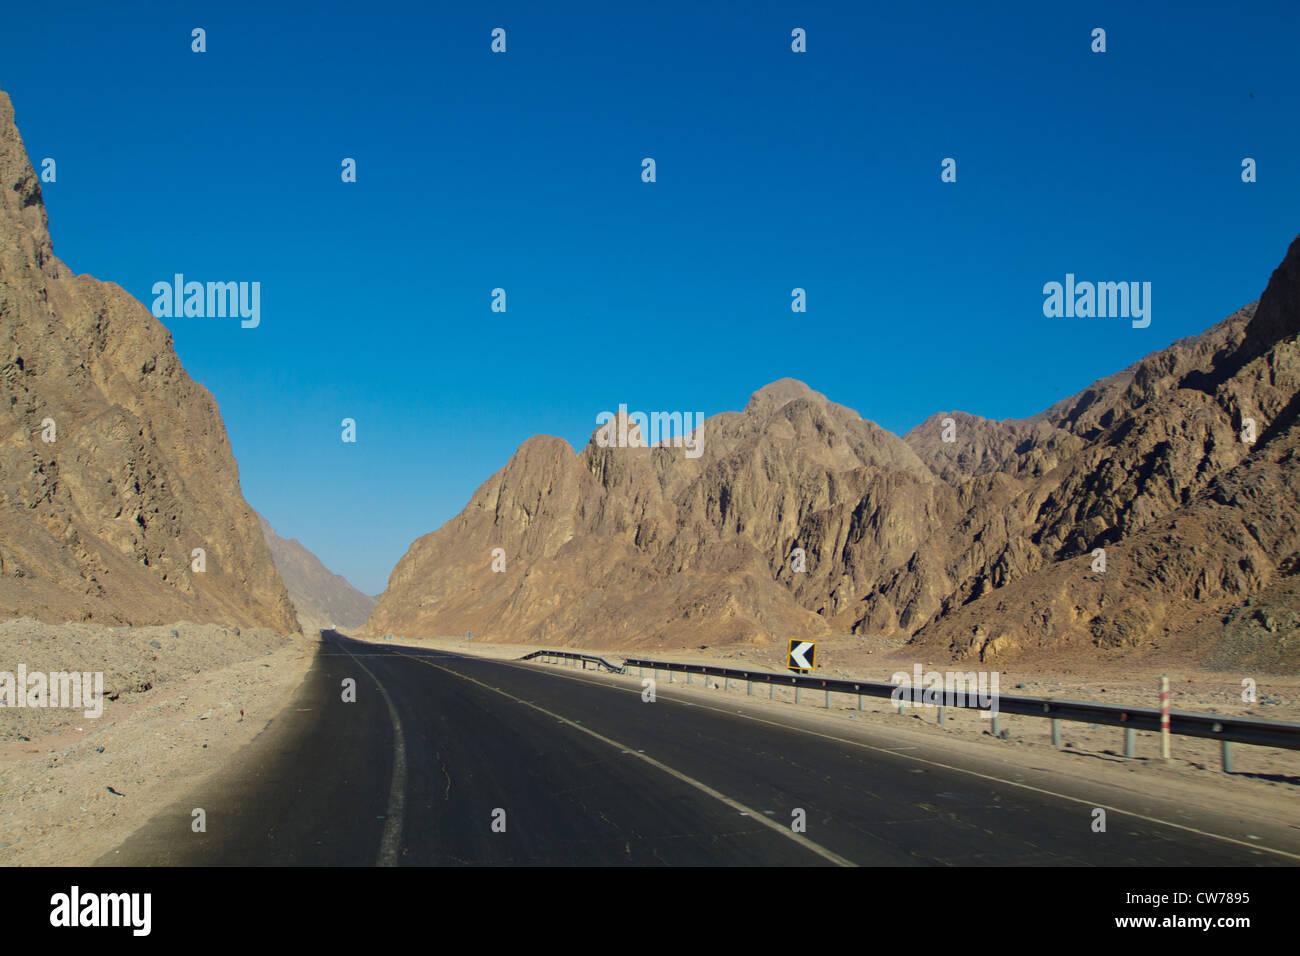 Desert road in the Sinai desert in Egypt - Stock Image